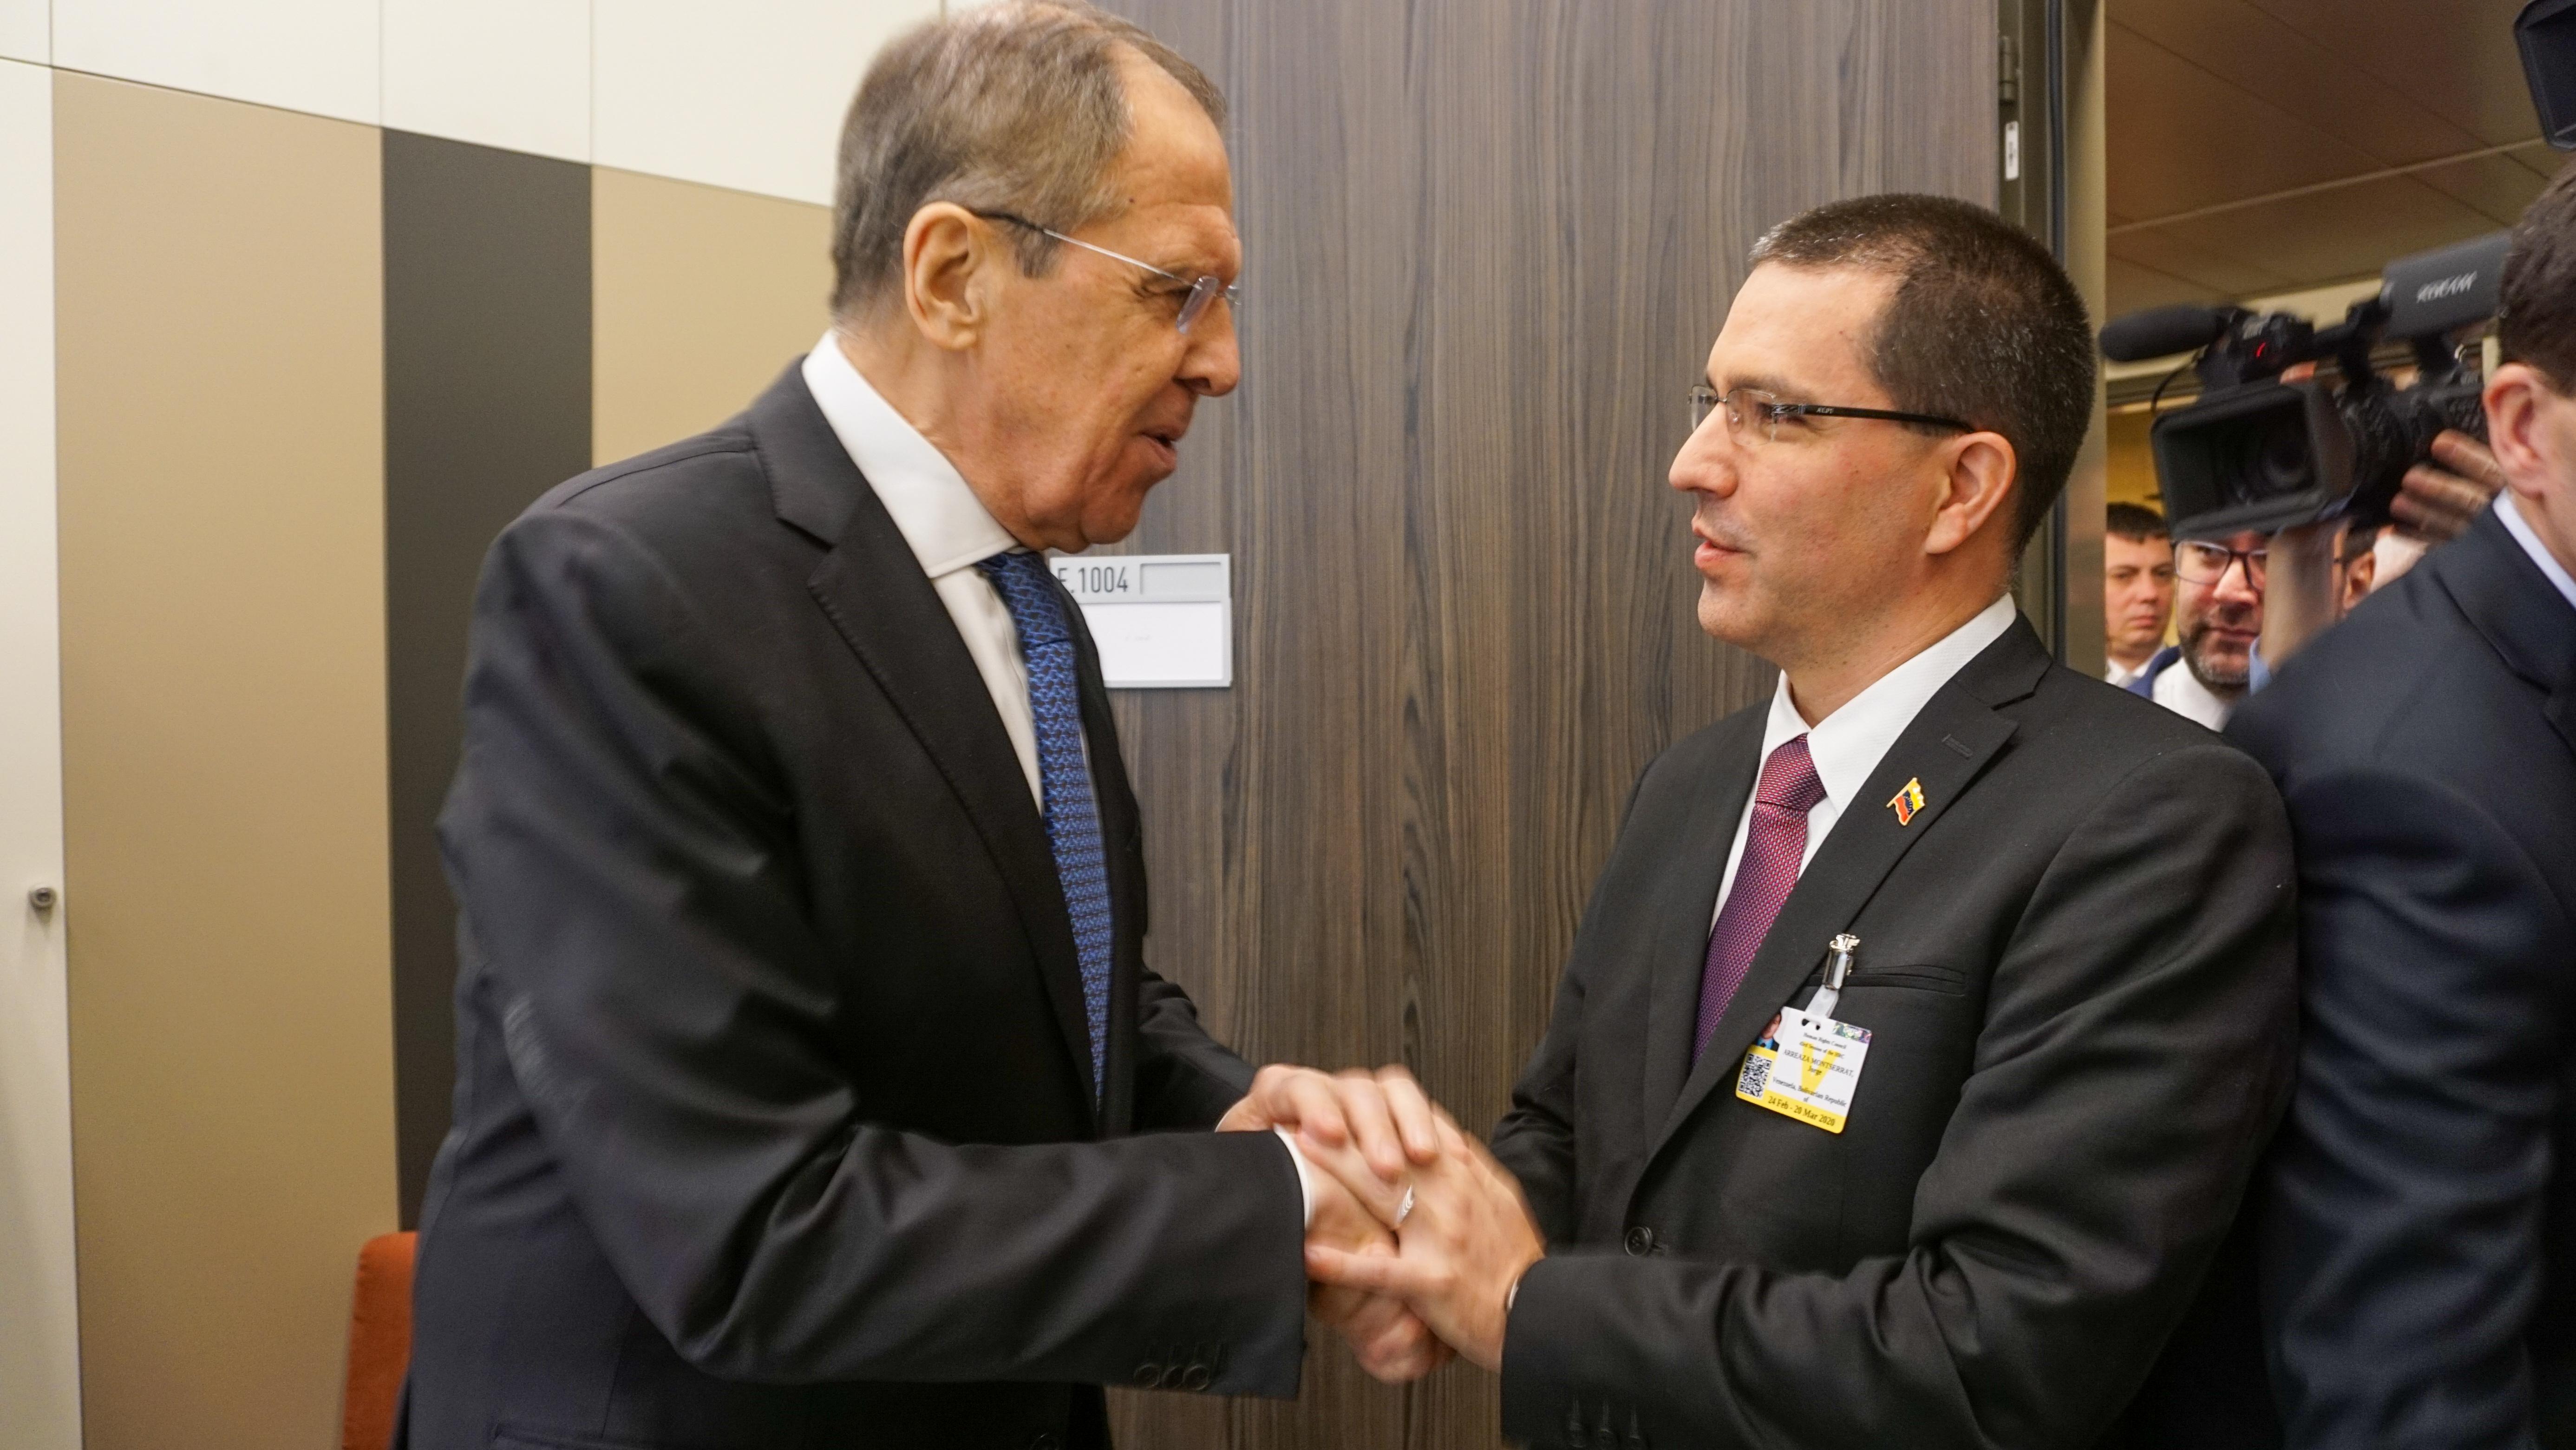 Cancilleres de Venezuela y Rusia sostienen nuevo encuentro en ONU-Ginebra